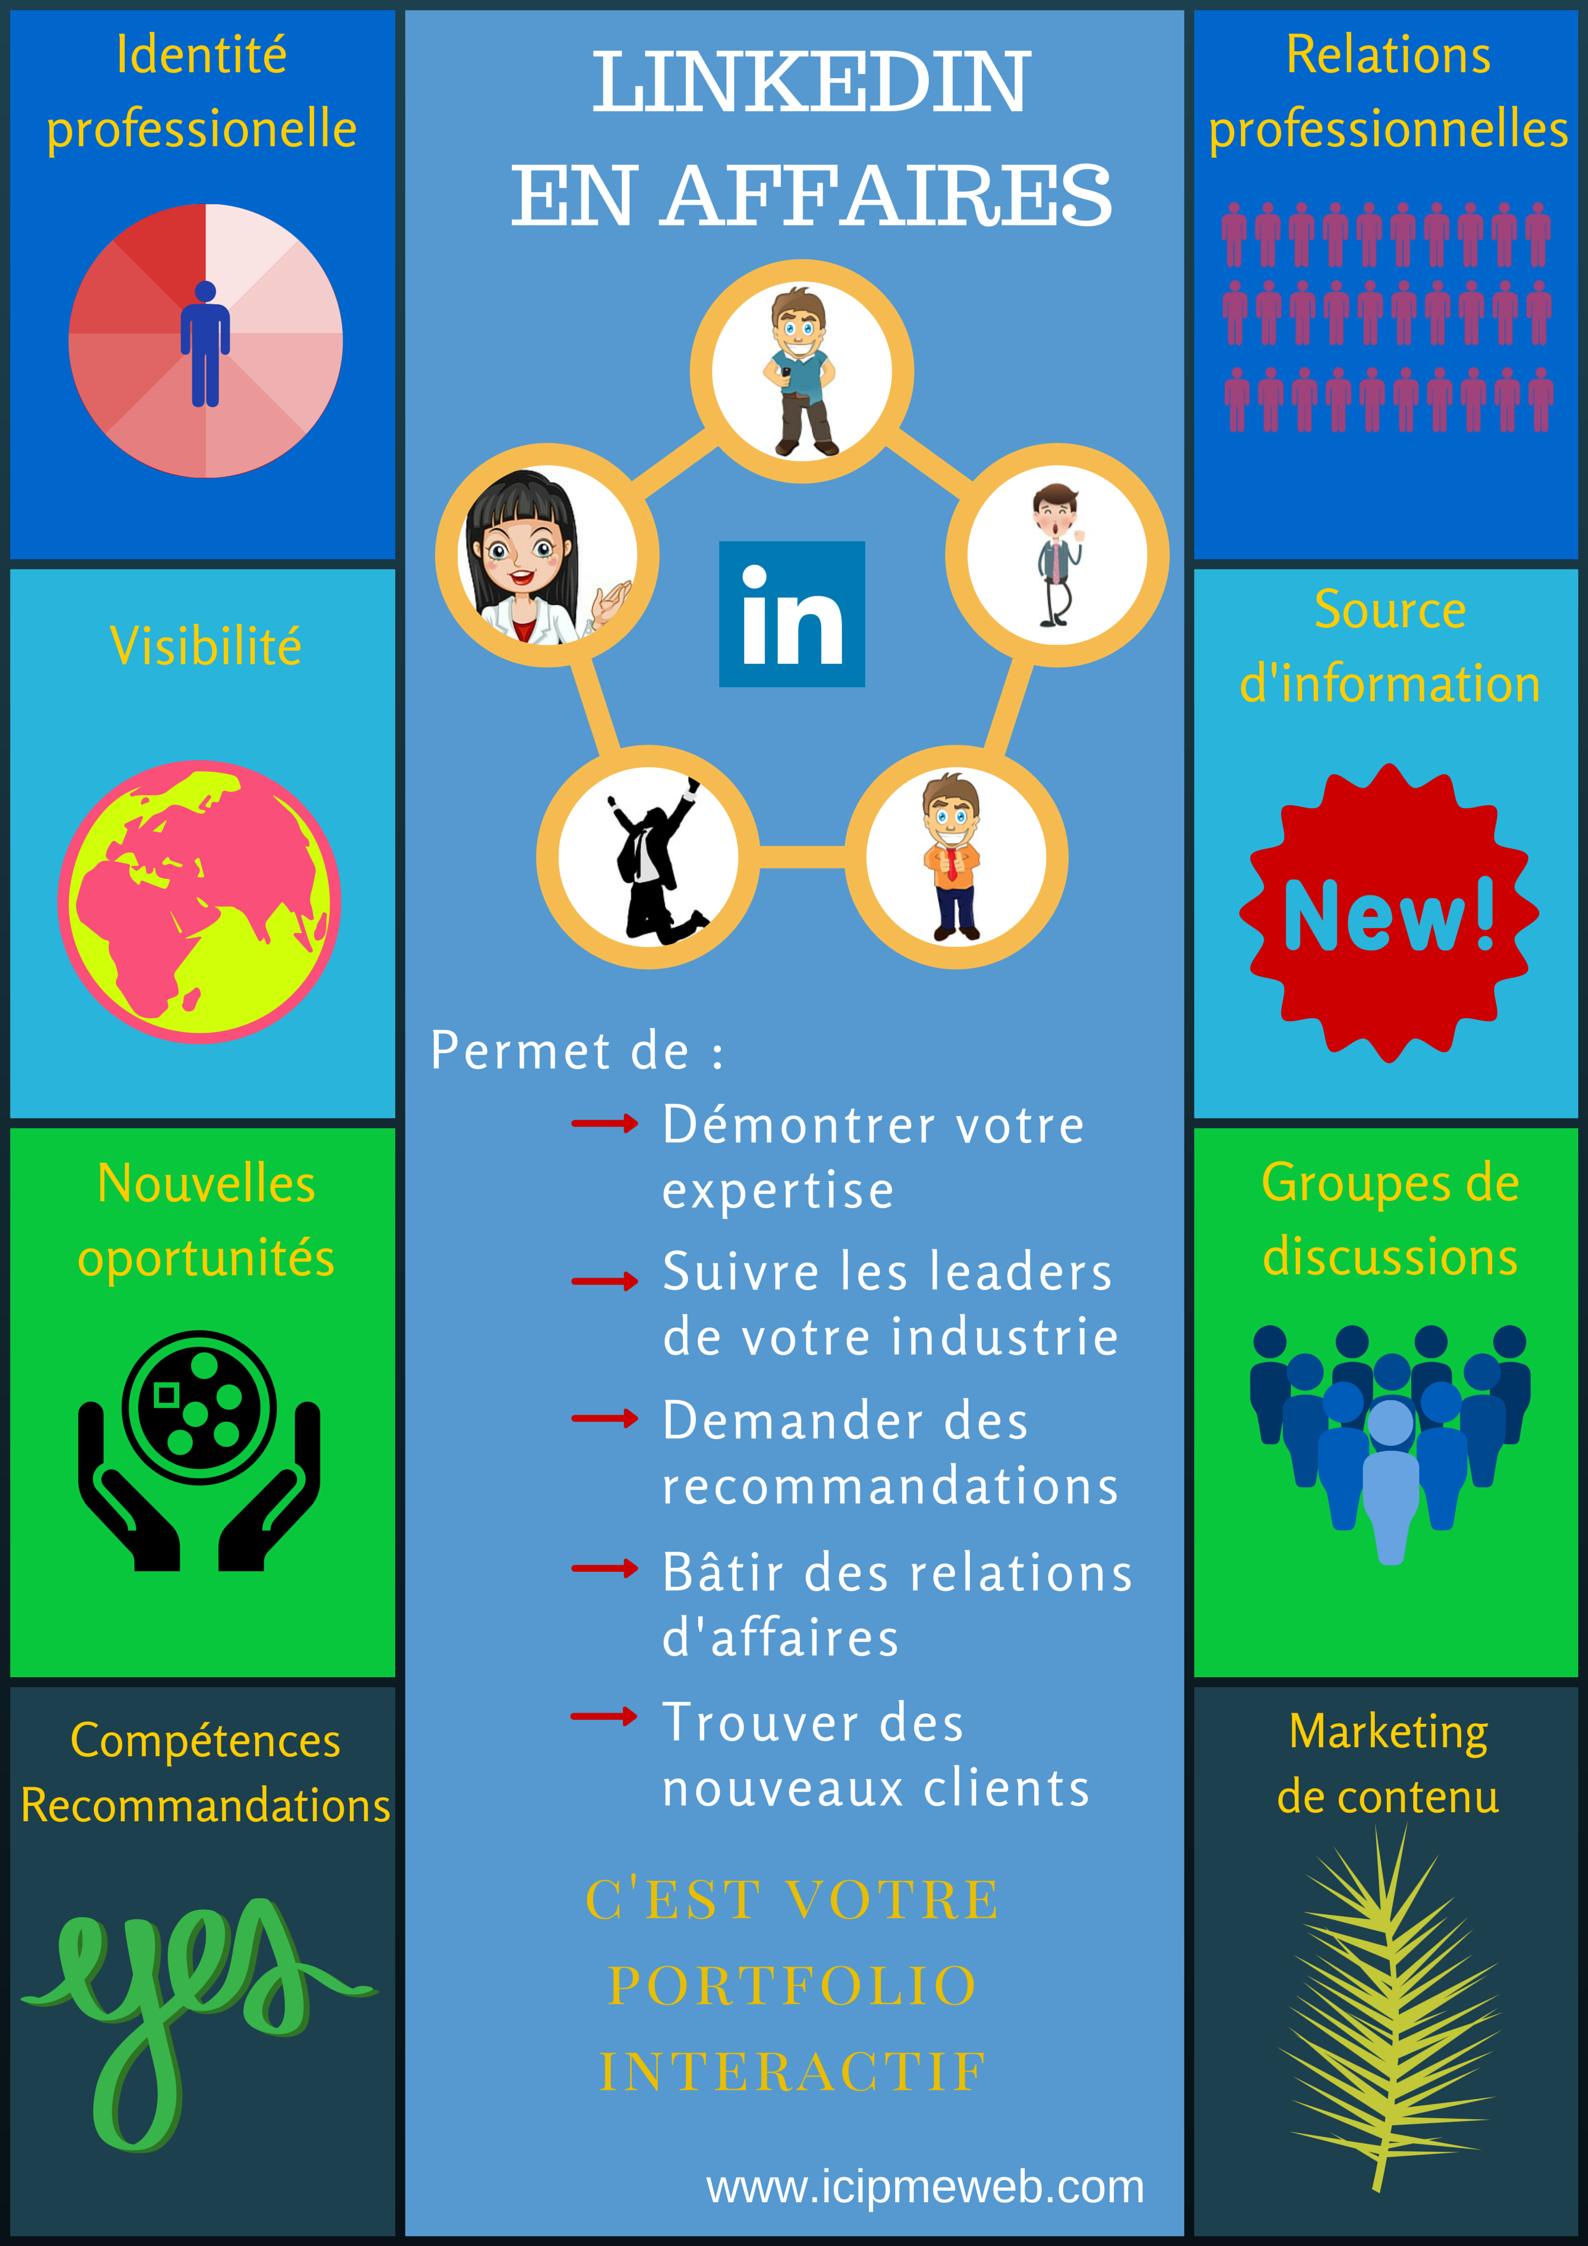 LinkedIn-pour-trouver-des-clients.png